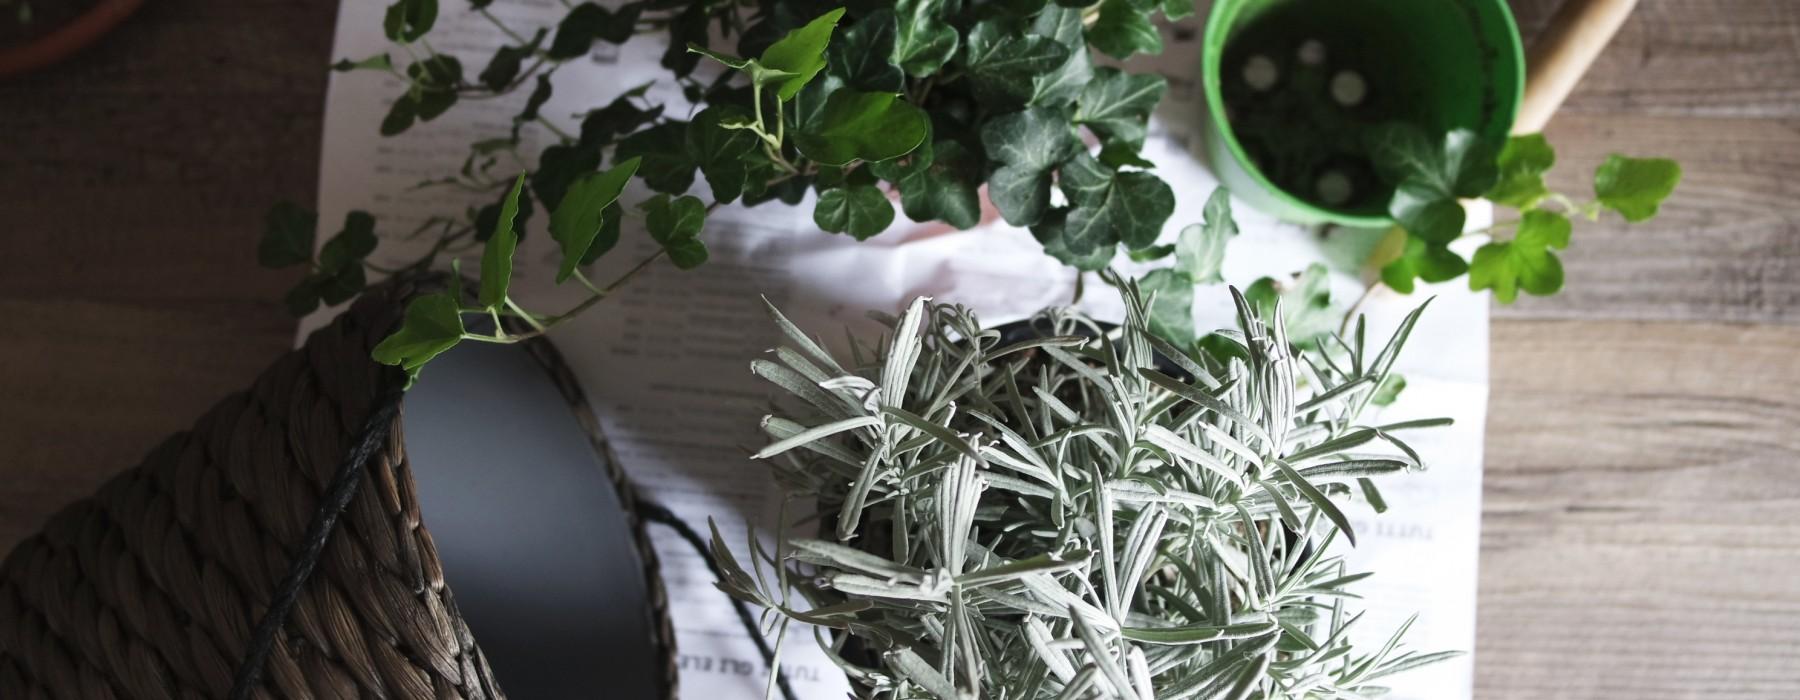 Podano do łóżka #69: Podpaski, albinosi i trudna miłość do roślin doniczkowych